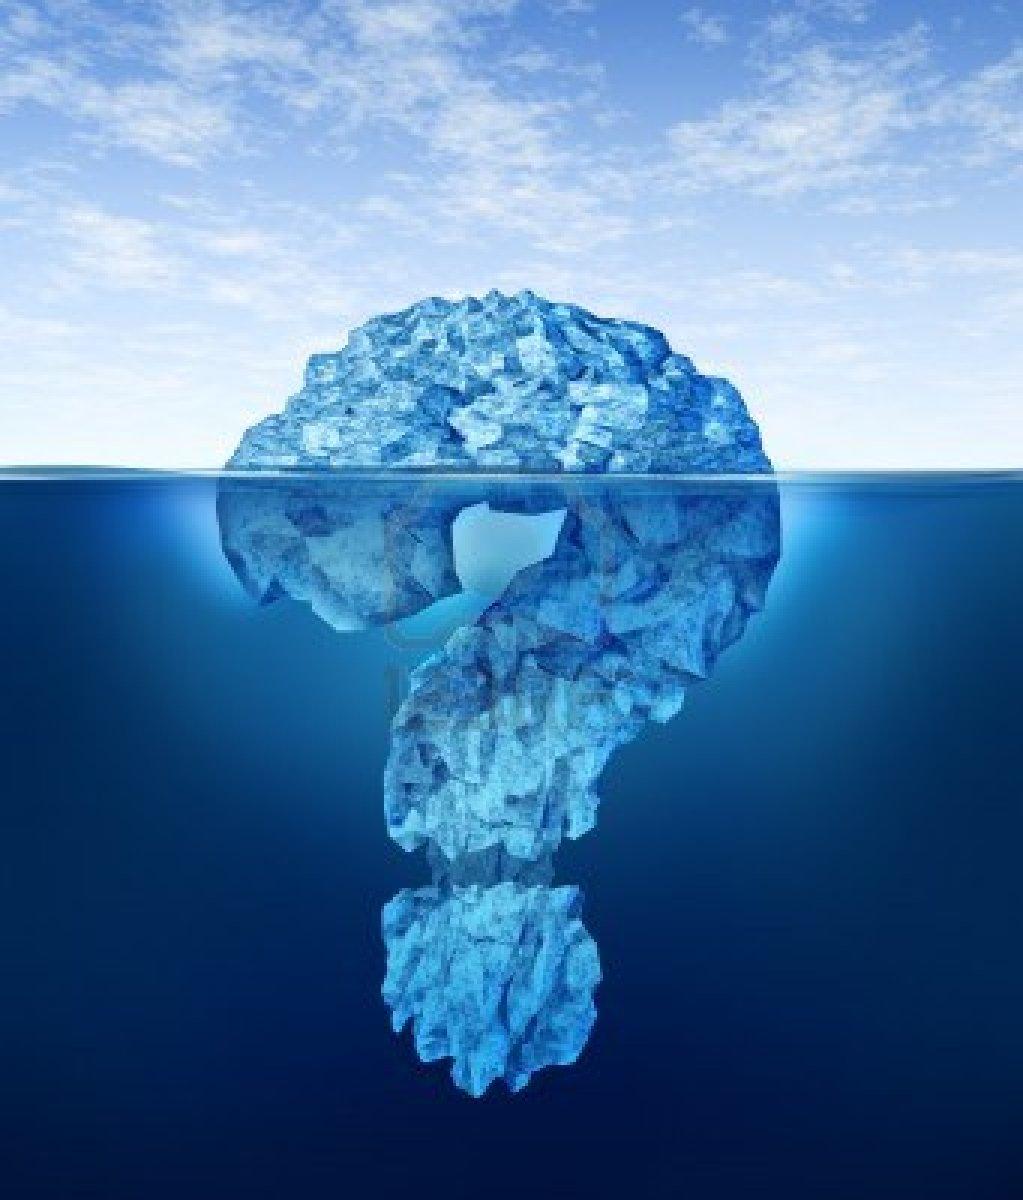 El subconsciente es como el Iceberg, del cual apenas emerge su ...